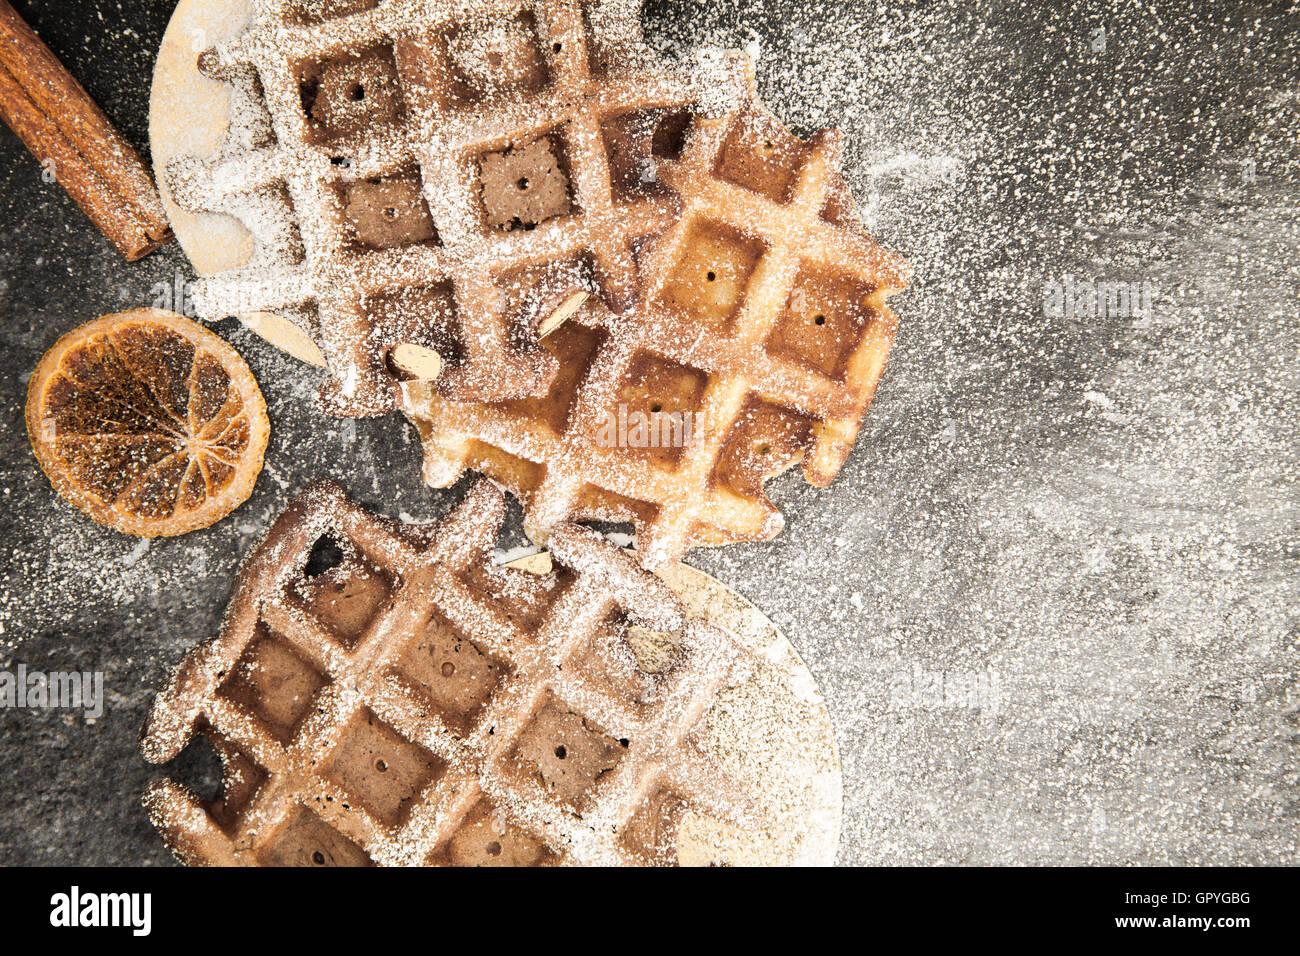 Arrière-plan de l'alimentation avec des gaufres belges Photo Stock